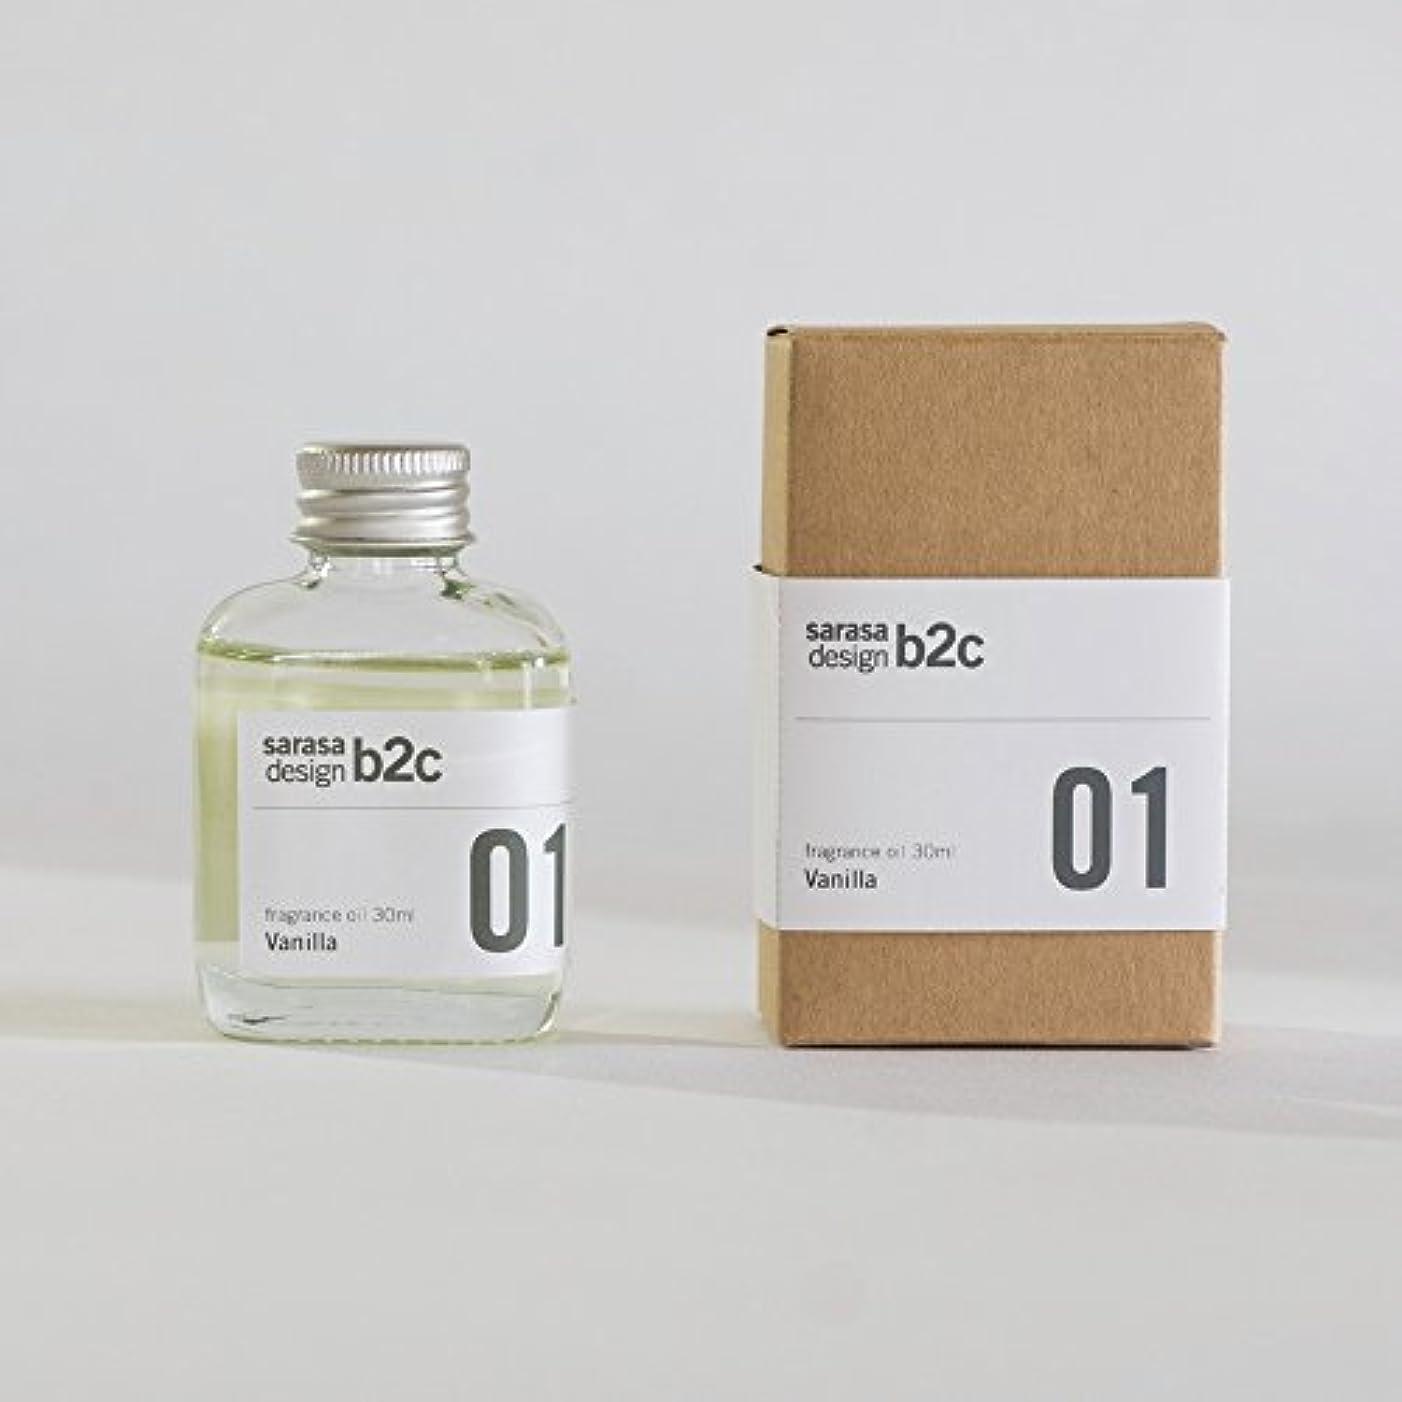 であることバラエティ政府ar002af/b2c フレグランスオイル30ml《アンバーフィックス》| 芳香剤 ルームフレグランス リードディフューザー アロマ ディフューザー